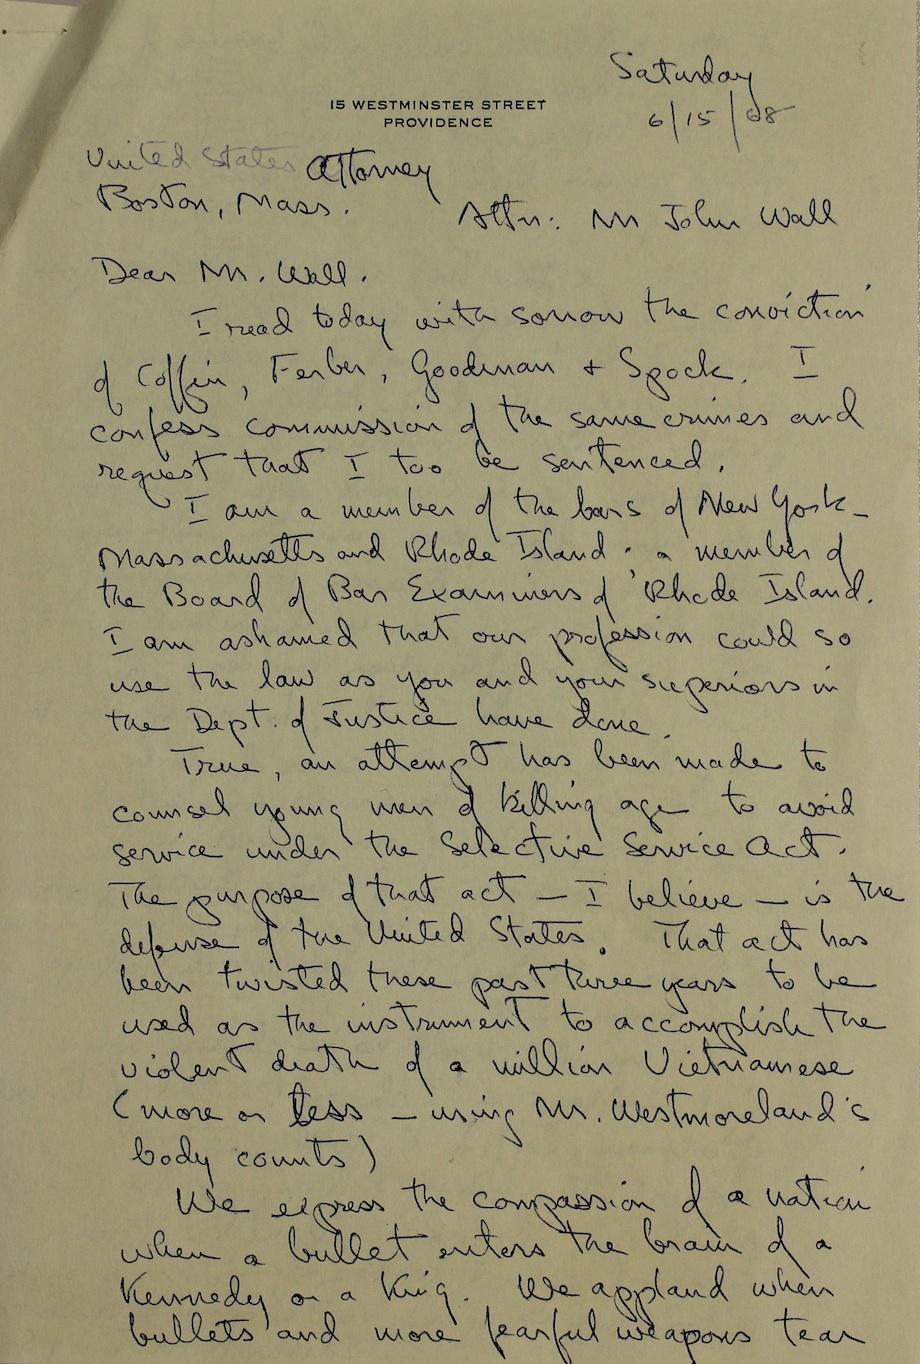 Hastings Letter 1